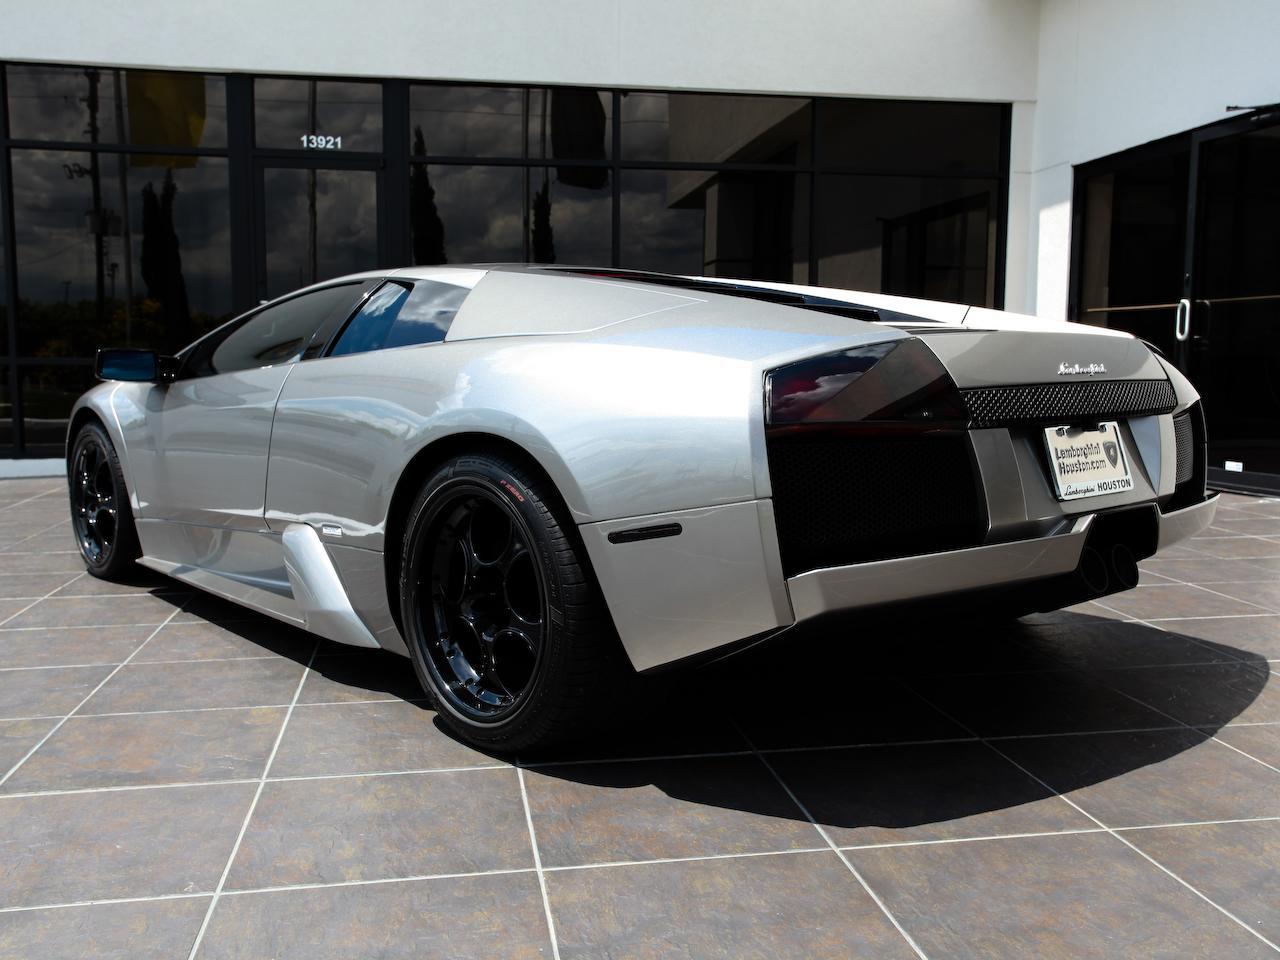 2004 Lamborghini Murcielago Image 7